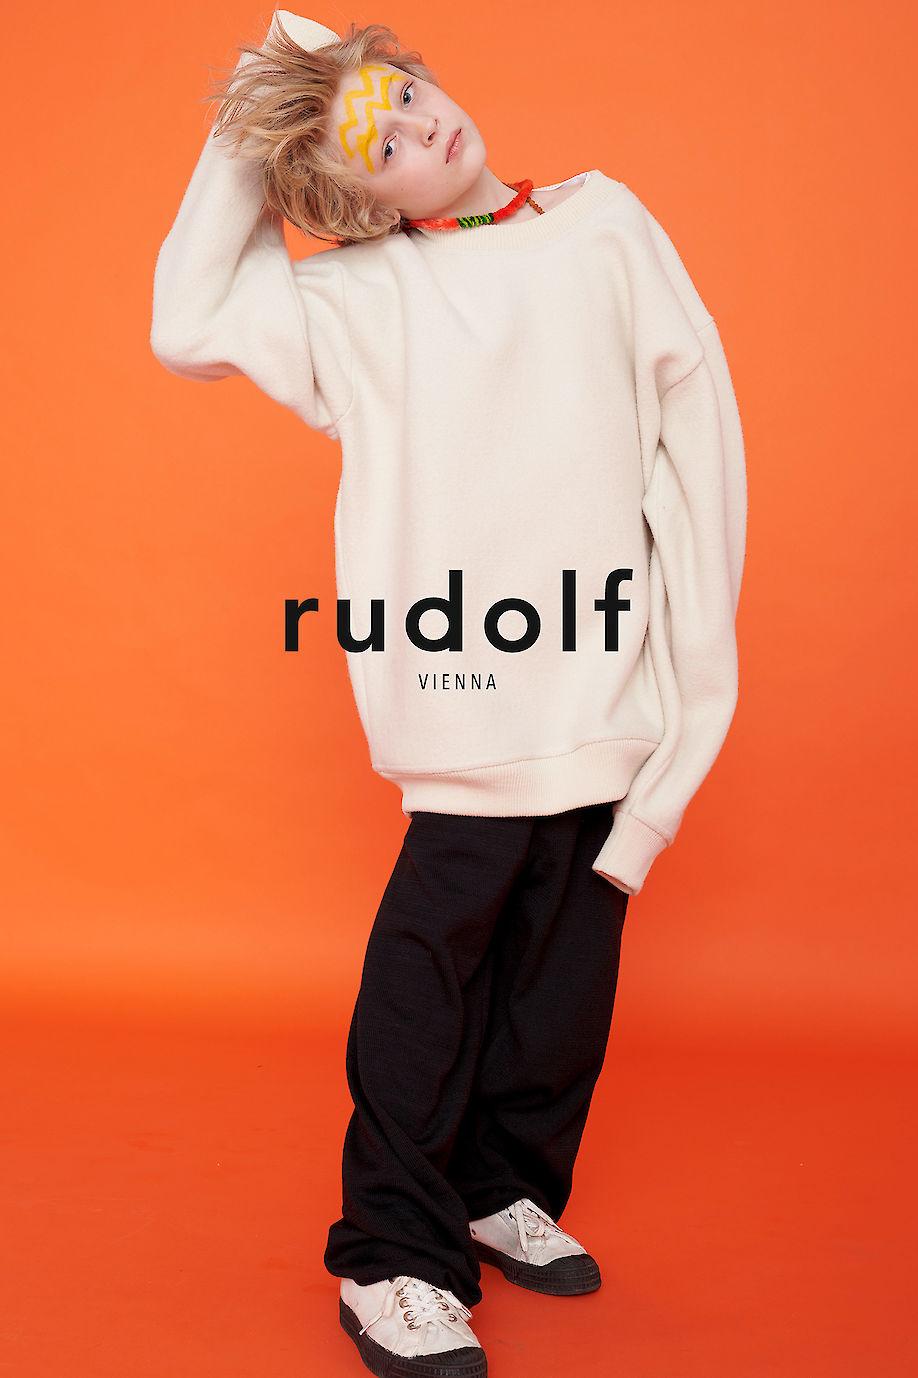 RAPHAEL JUST for RUDOLF Vienna